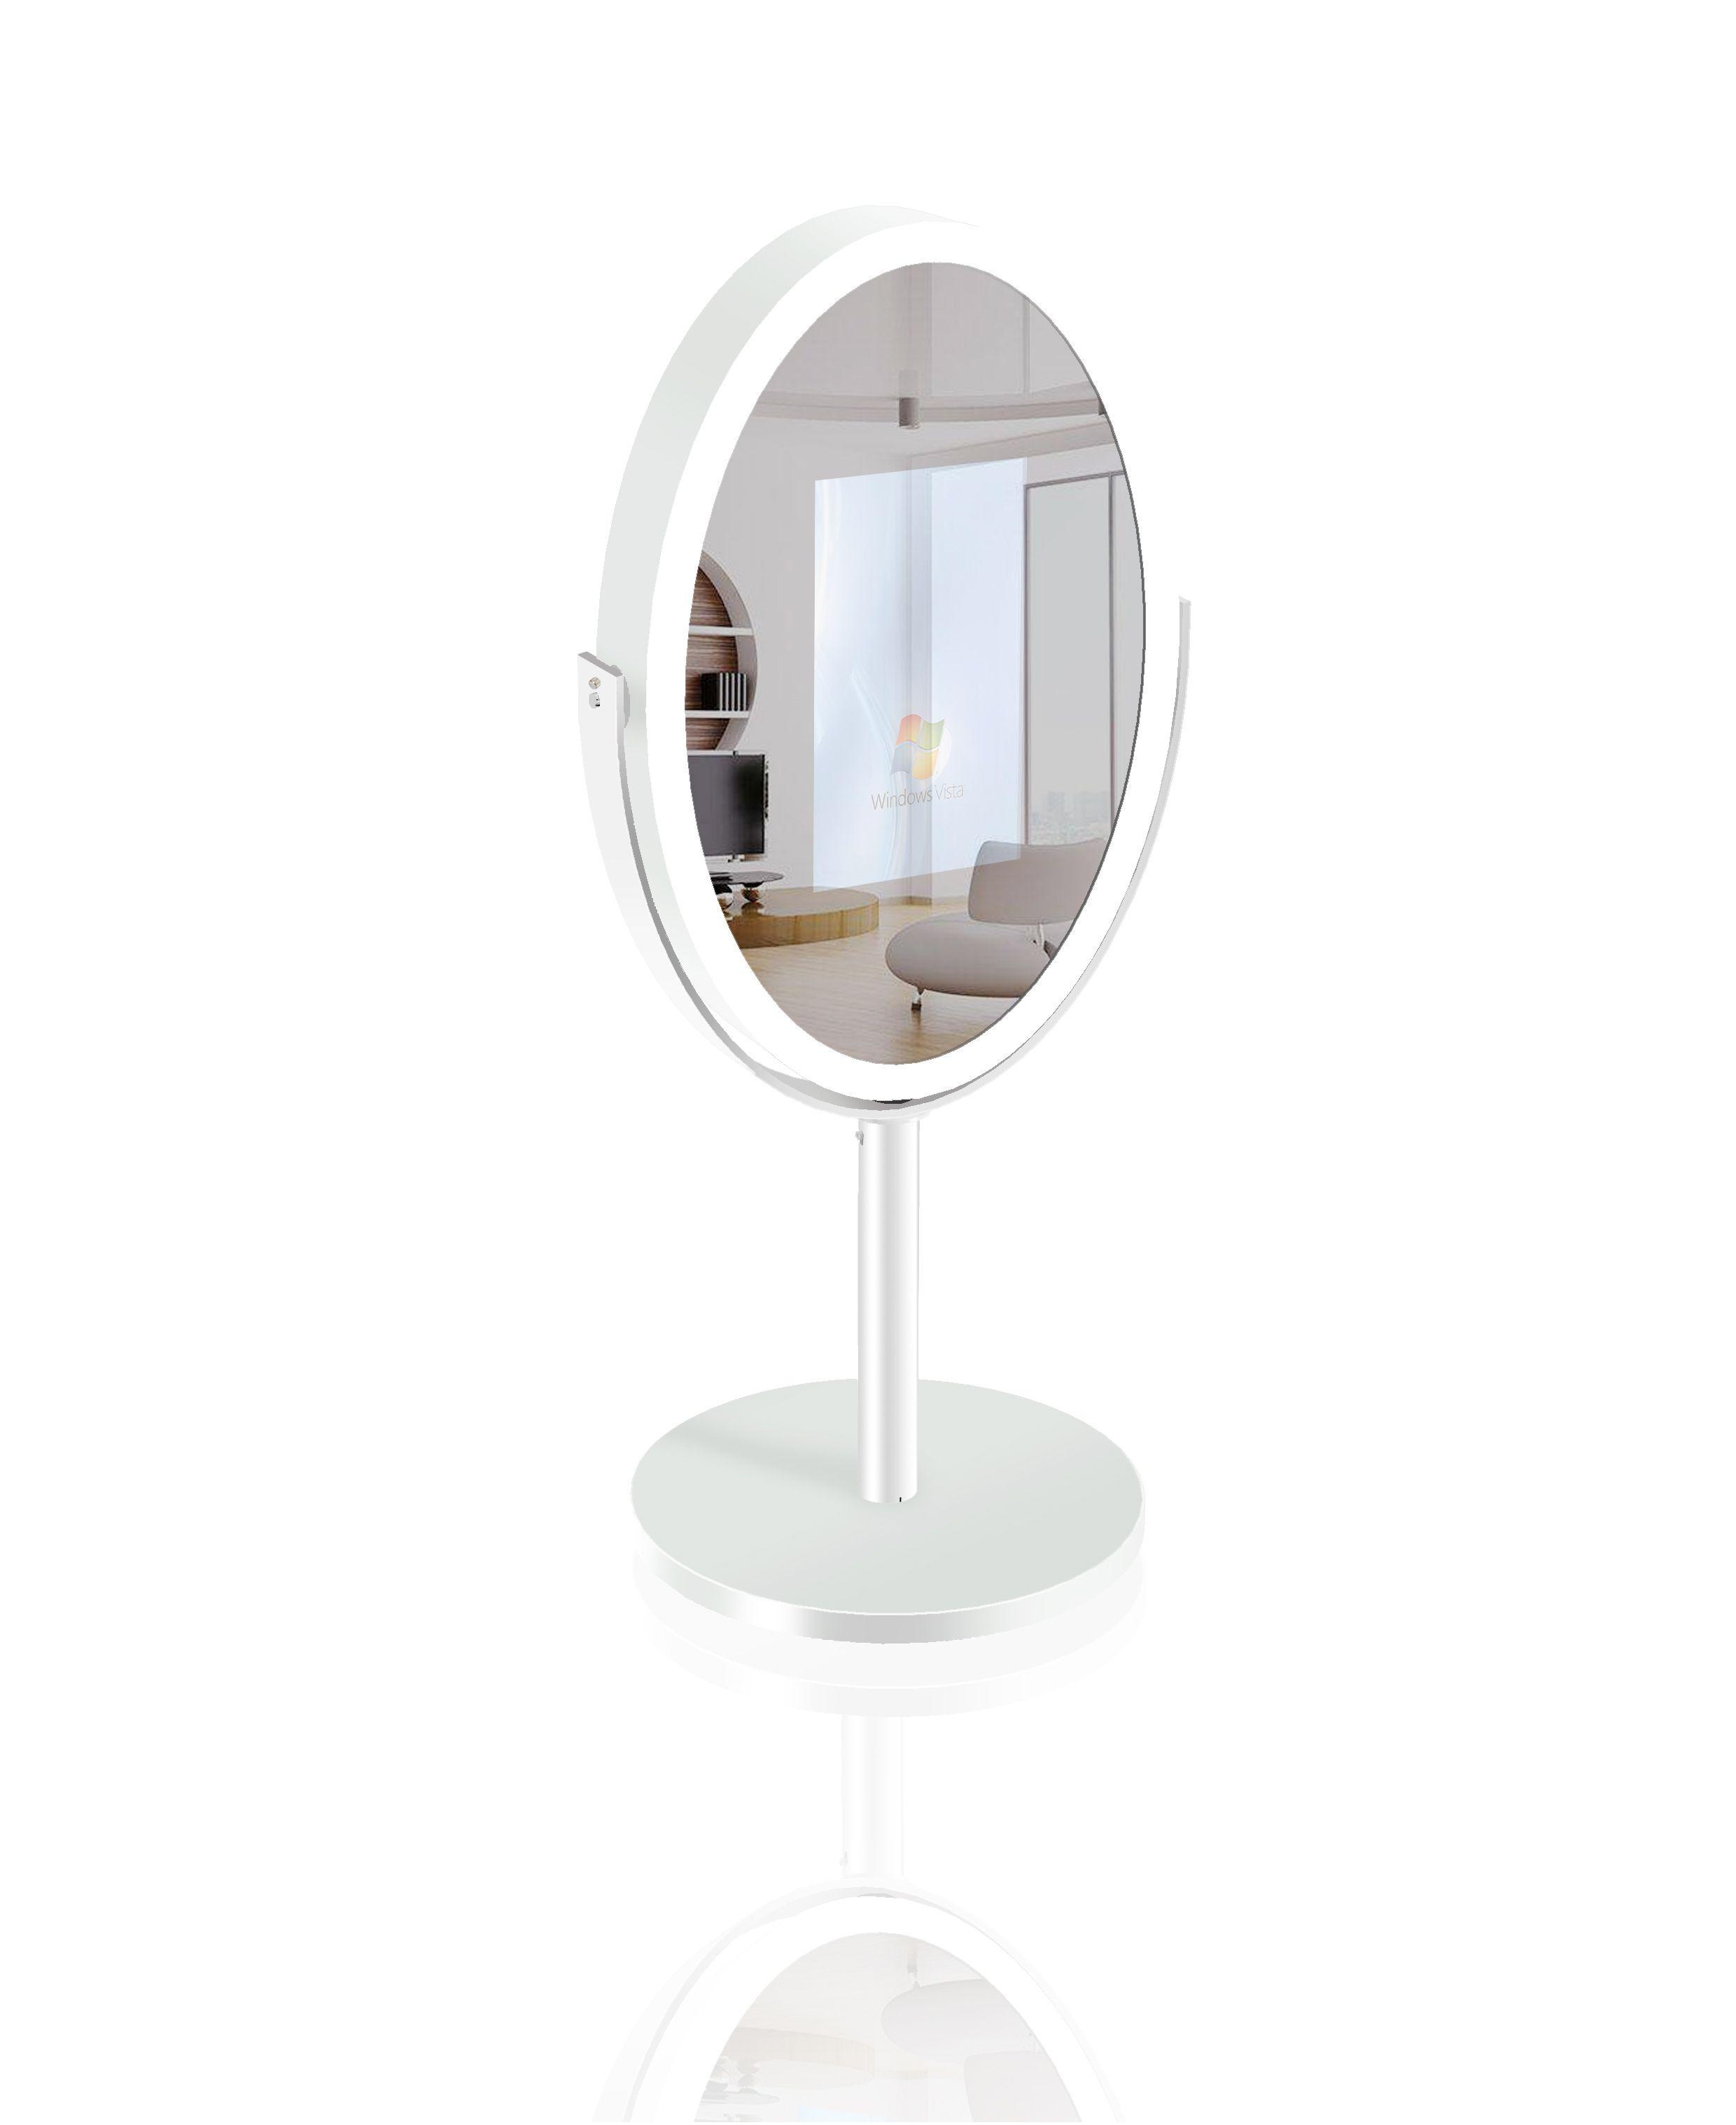 Oval Mirror Photo Booth mirrorphotoboothnyc